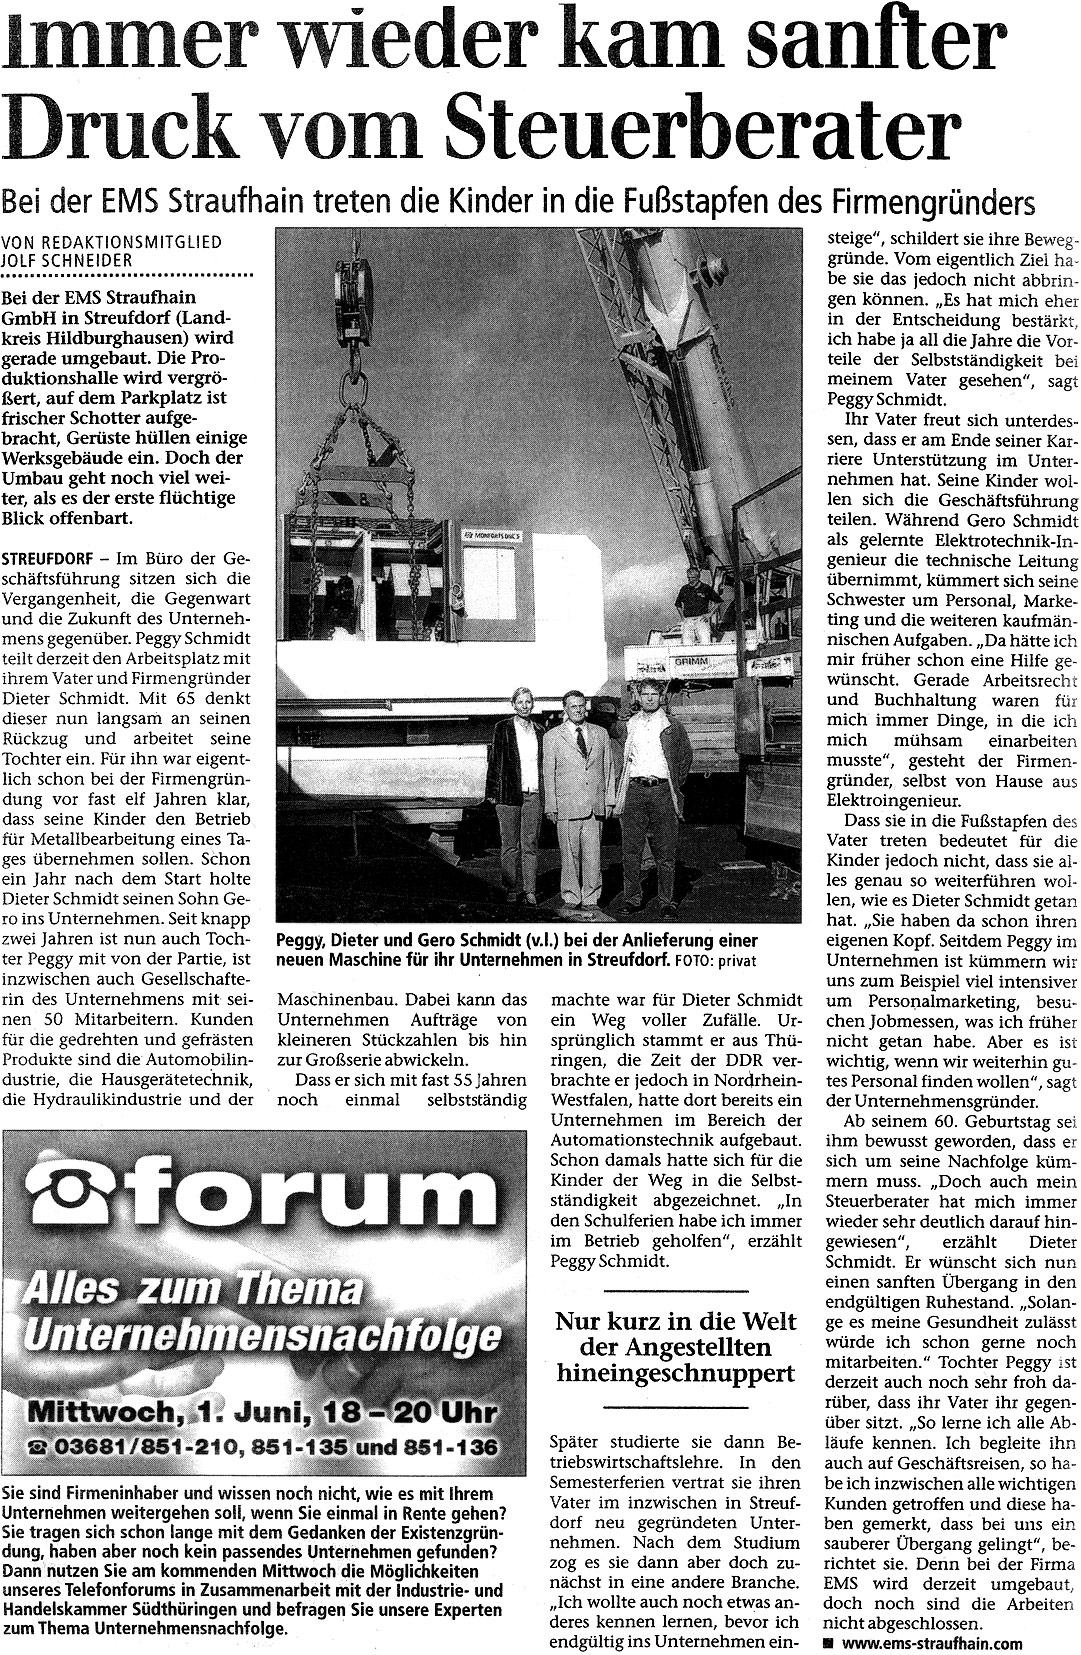 April 2005 – Immer wieder kam sanfter Druck vom Steuerberater